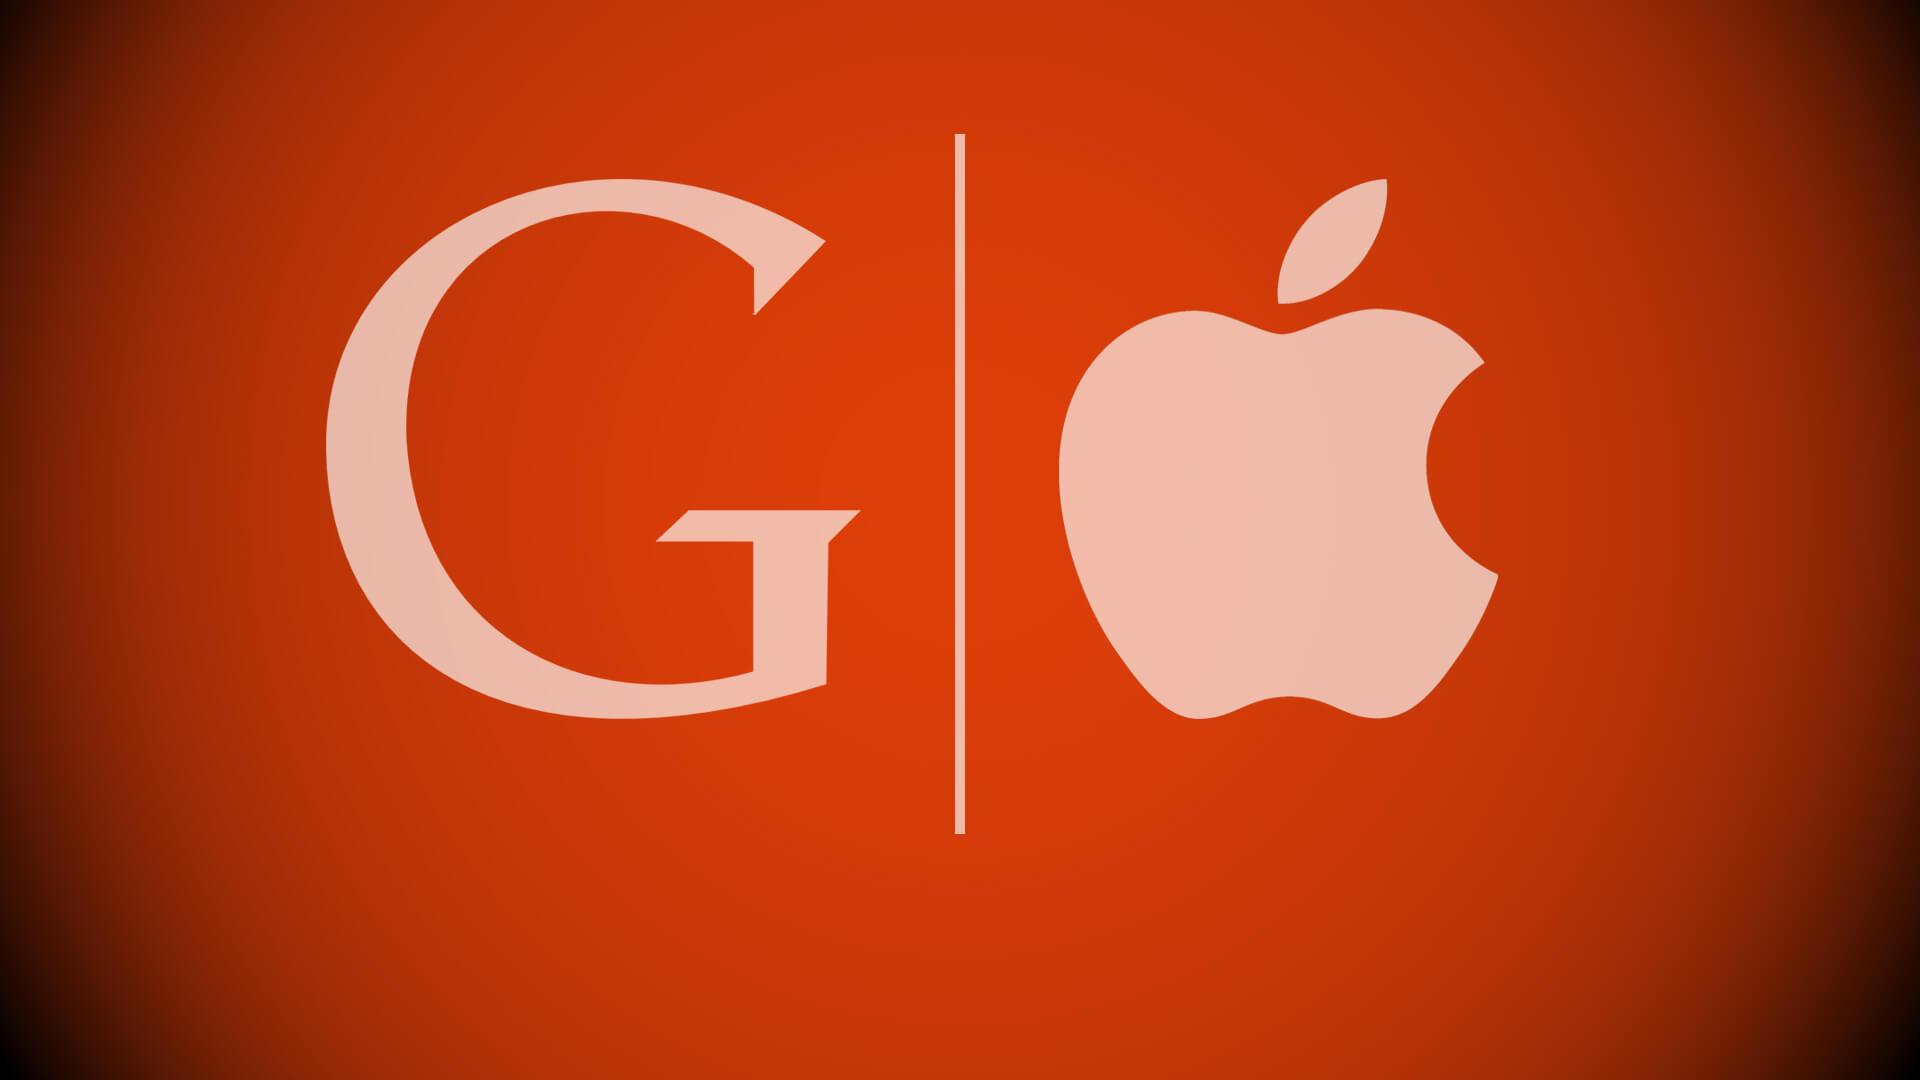 google apple2 fade 1920 - تعرف على ما ستدفعه جوجل لشركة آبل لتجعل محرك بحثها افتراضيًا على نظام iOS